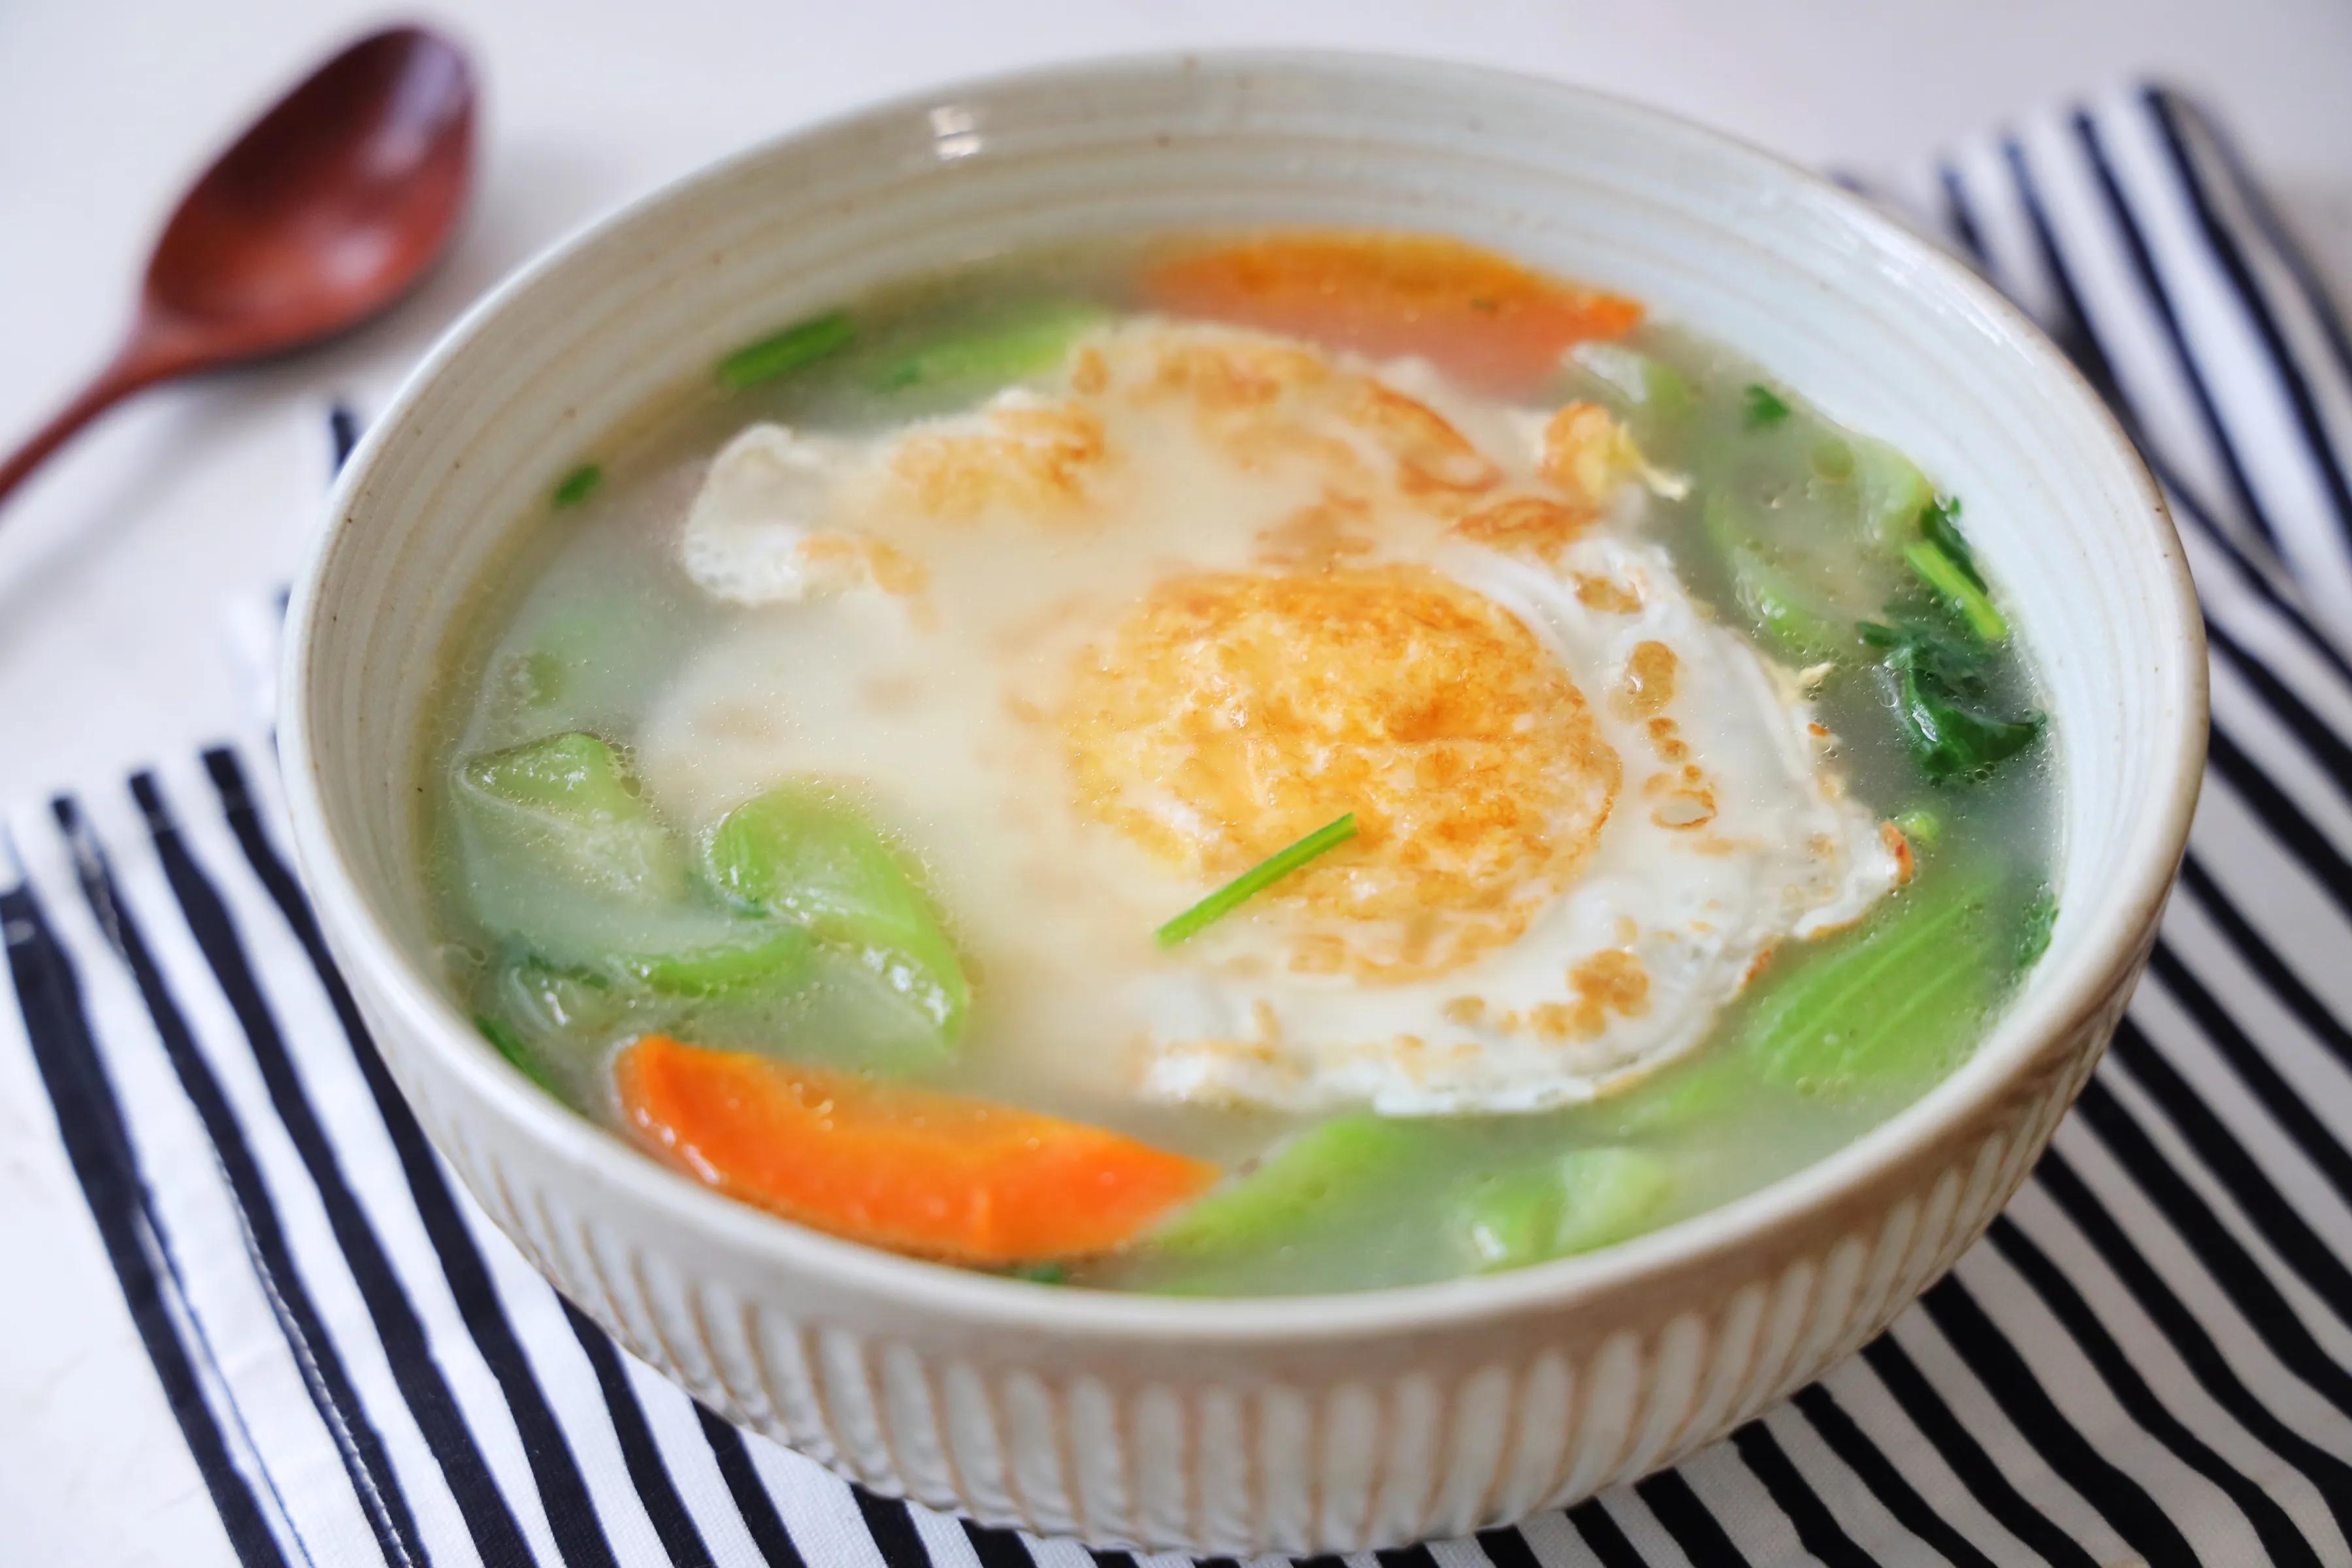 夏天没食欲,煮上这样的一锅汤水,清淡爽口,解暑又解腻,超舒服